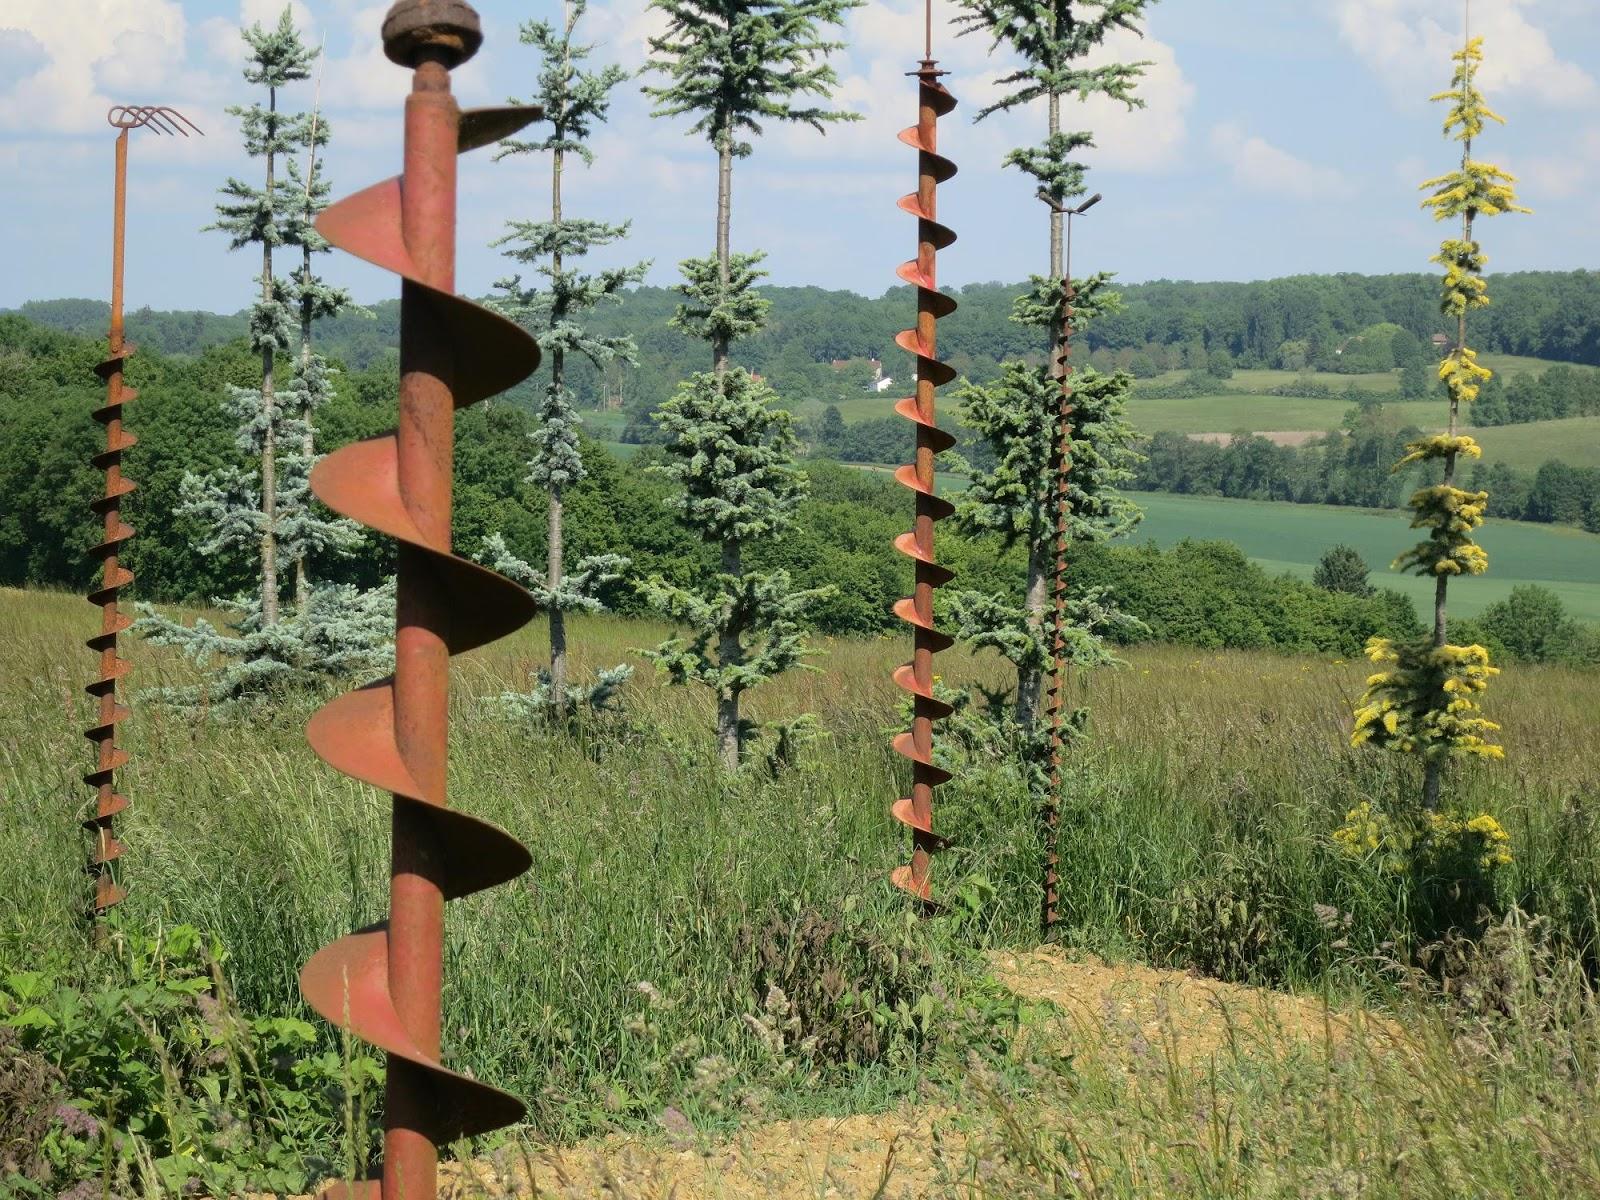 Le blog de parcs et jardins de l 39 oise sortie pjo du 6 for Jardin remarquable